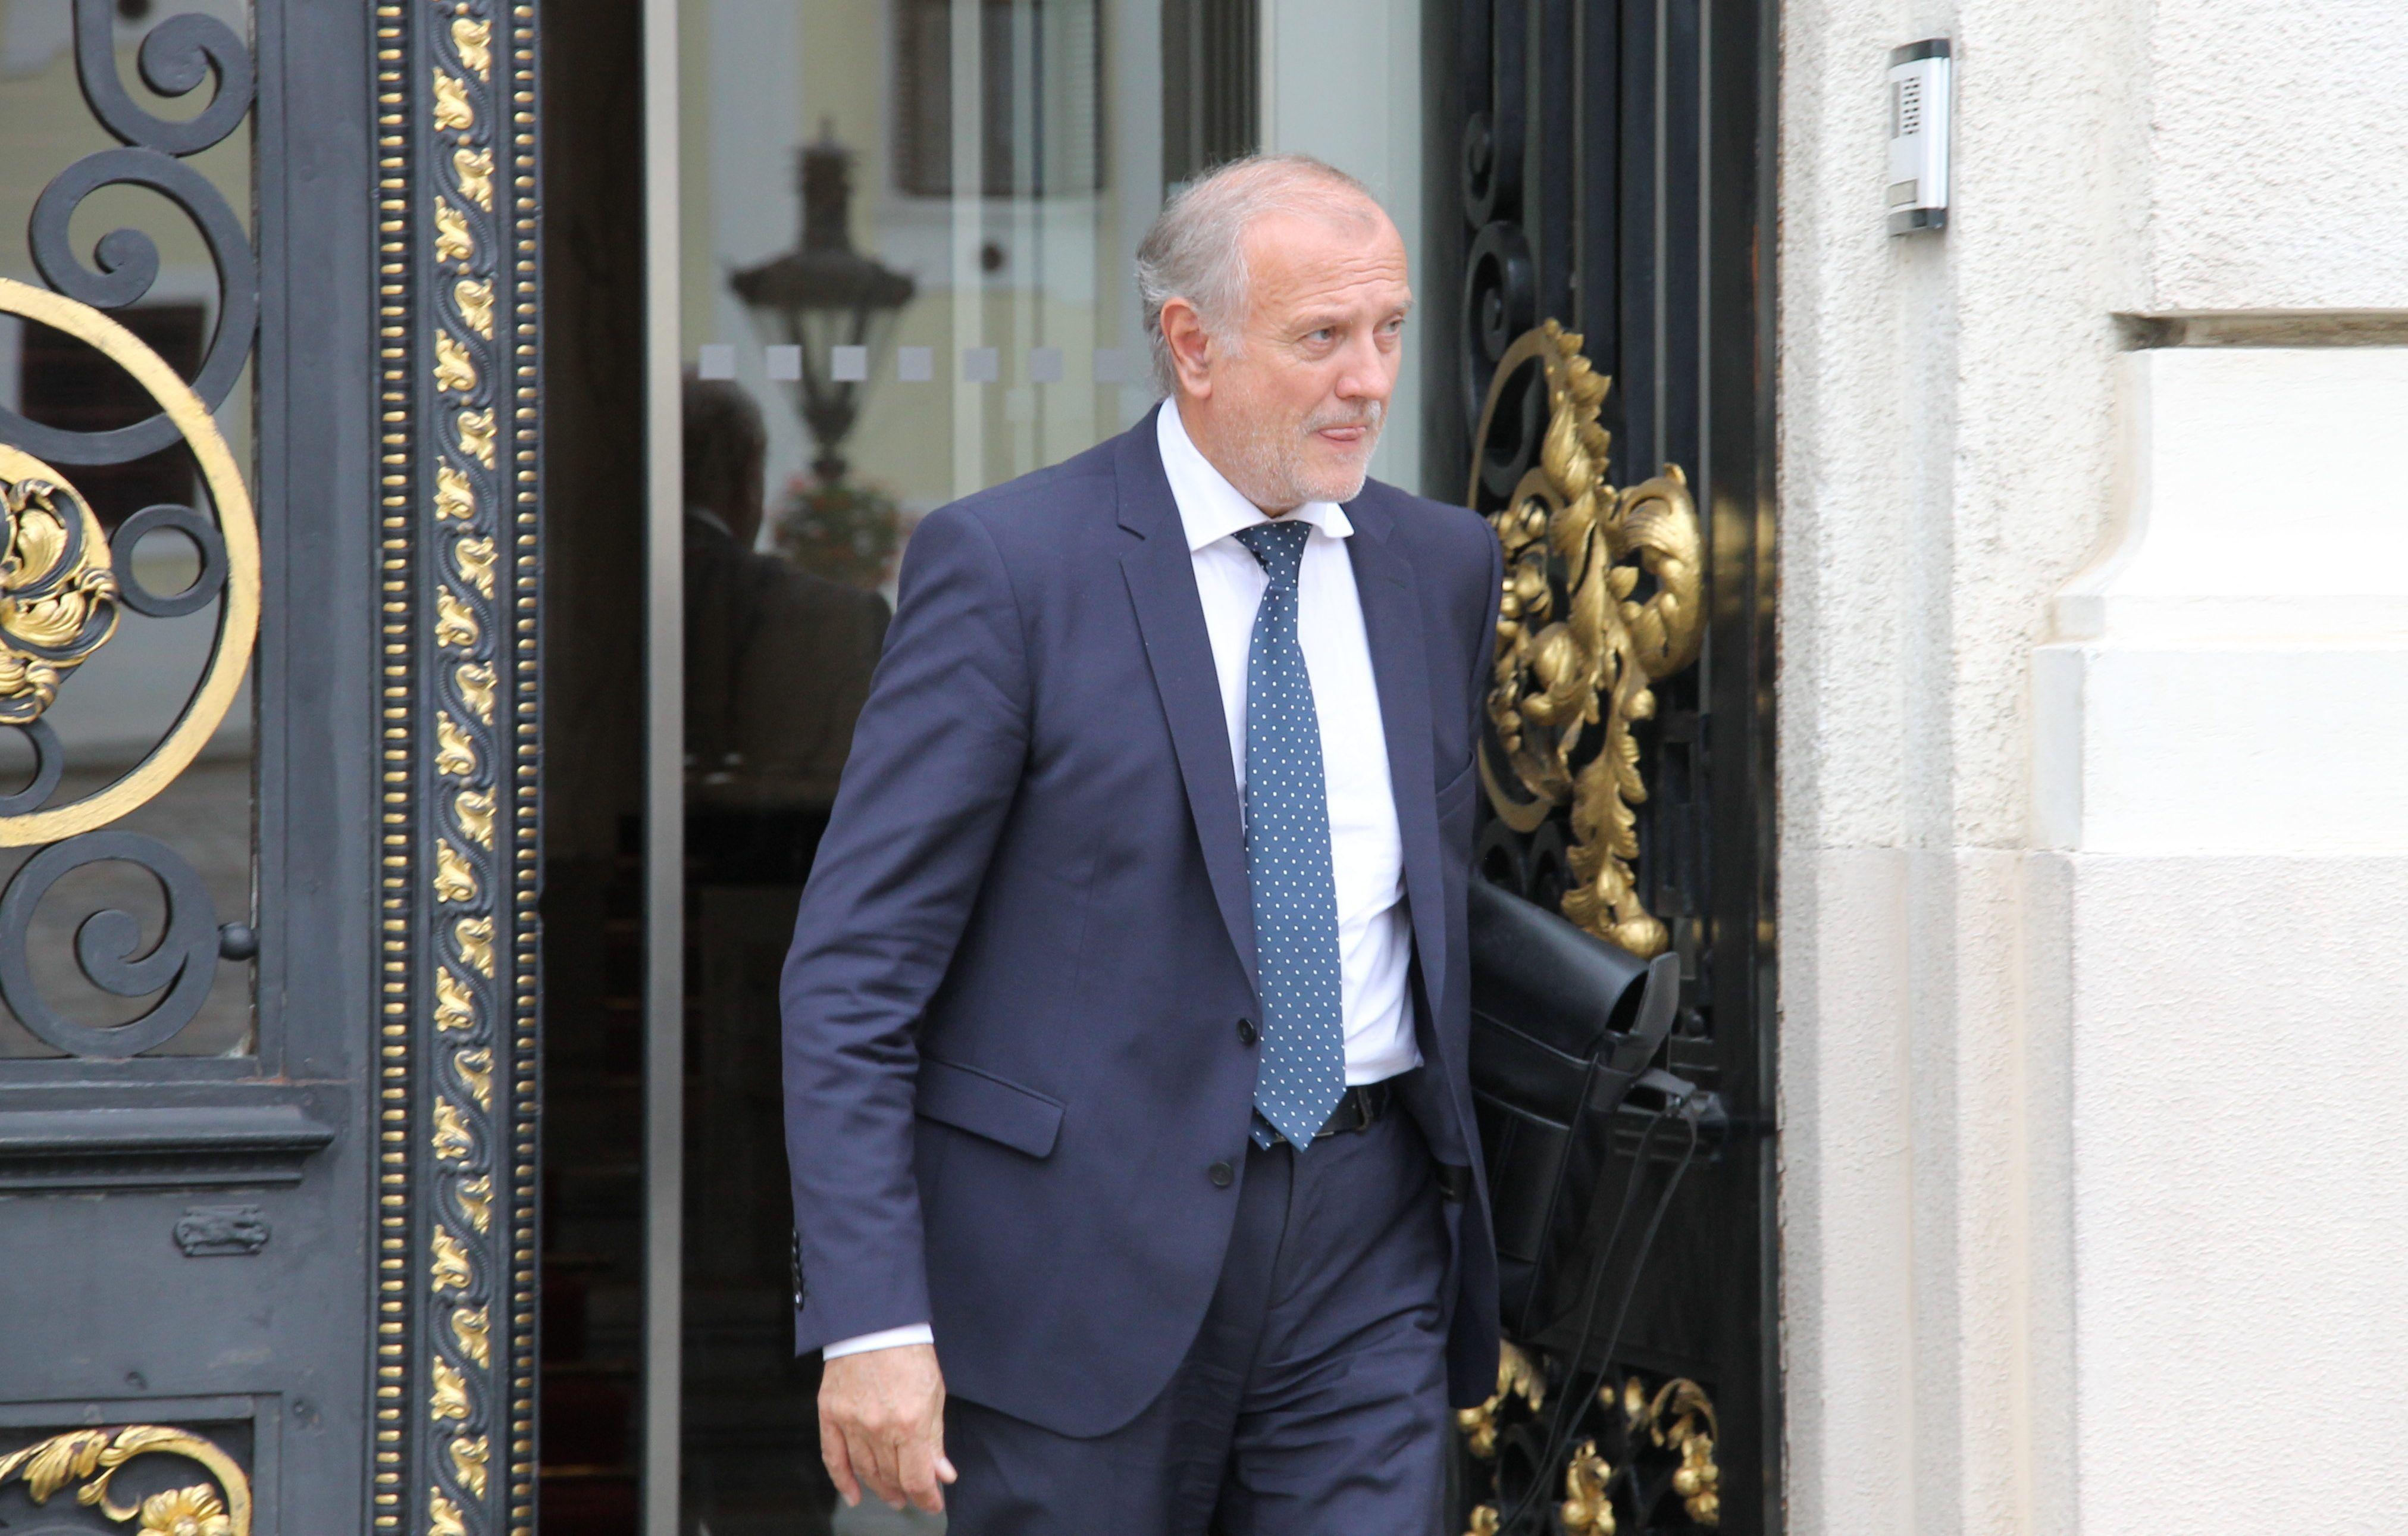 Ministar pravosuđa Bošnjaković: Sudski postupak osumnjičenima za silovanje treba ostaviti sudu